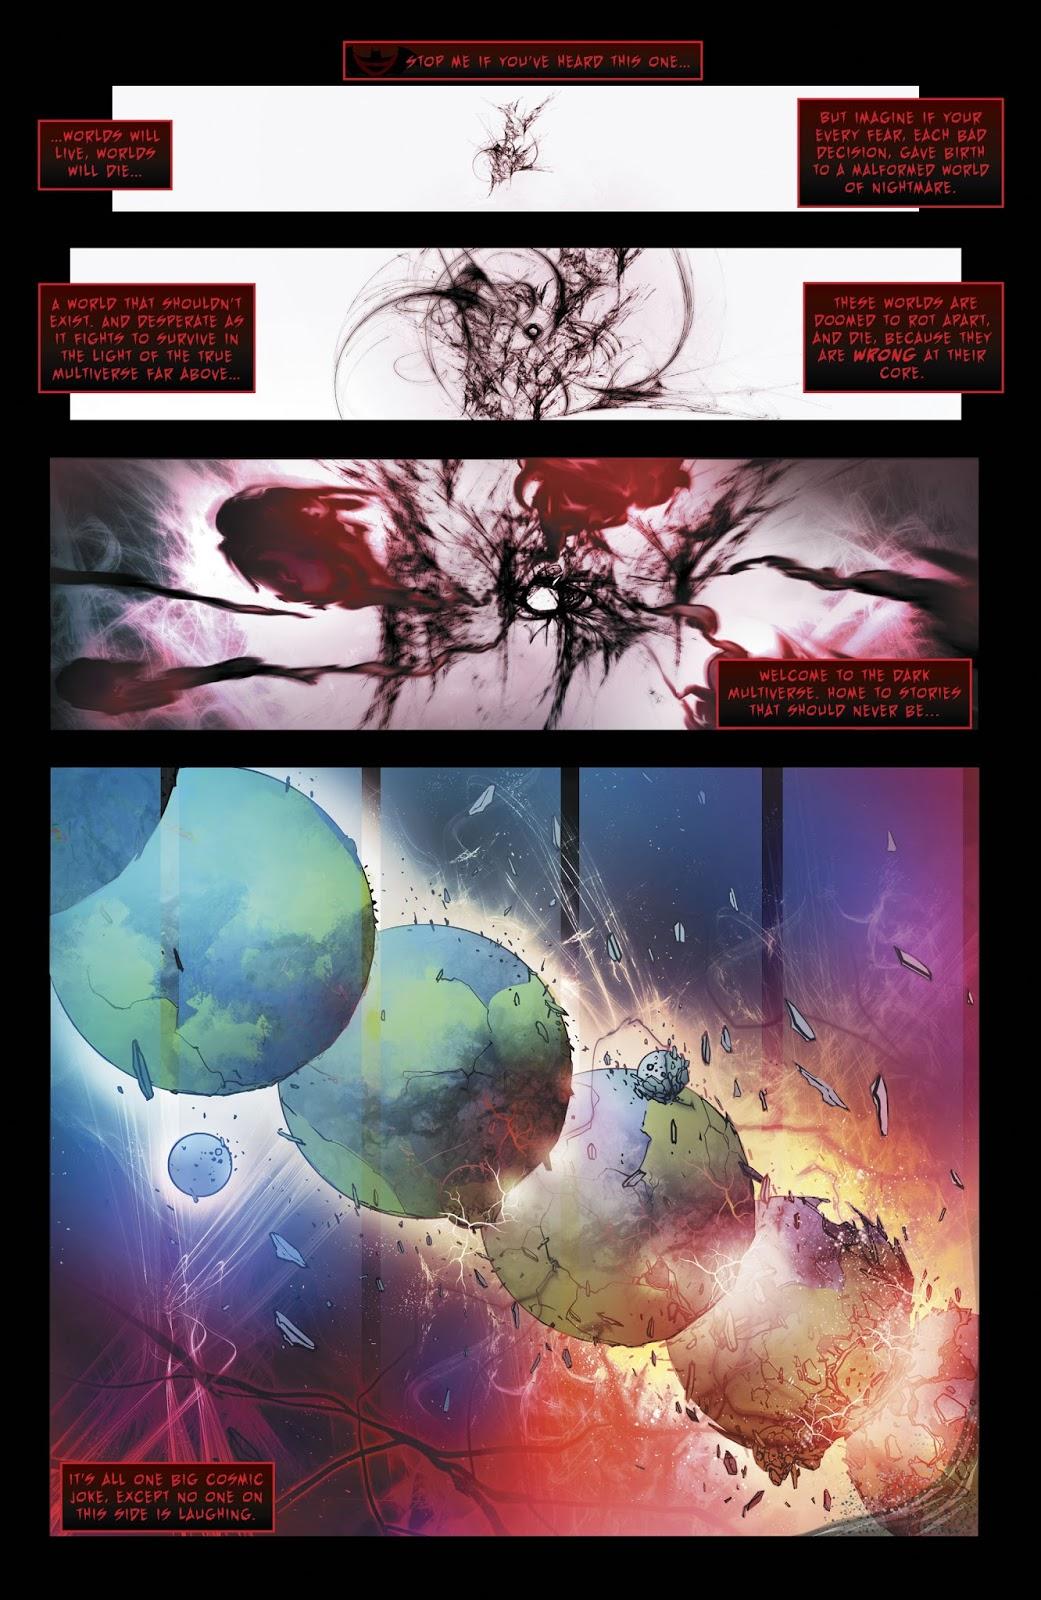 Dark Multiverse